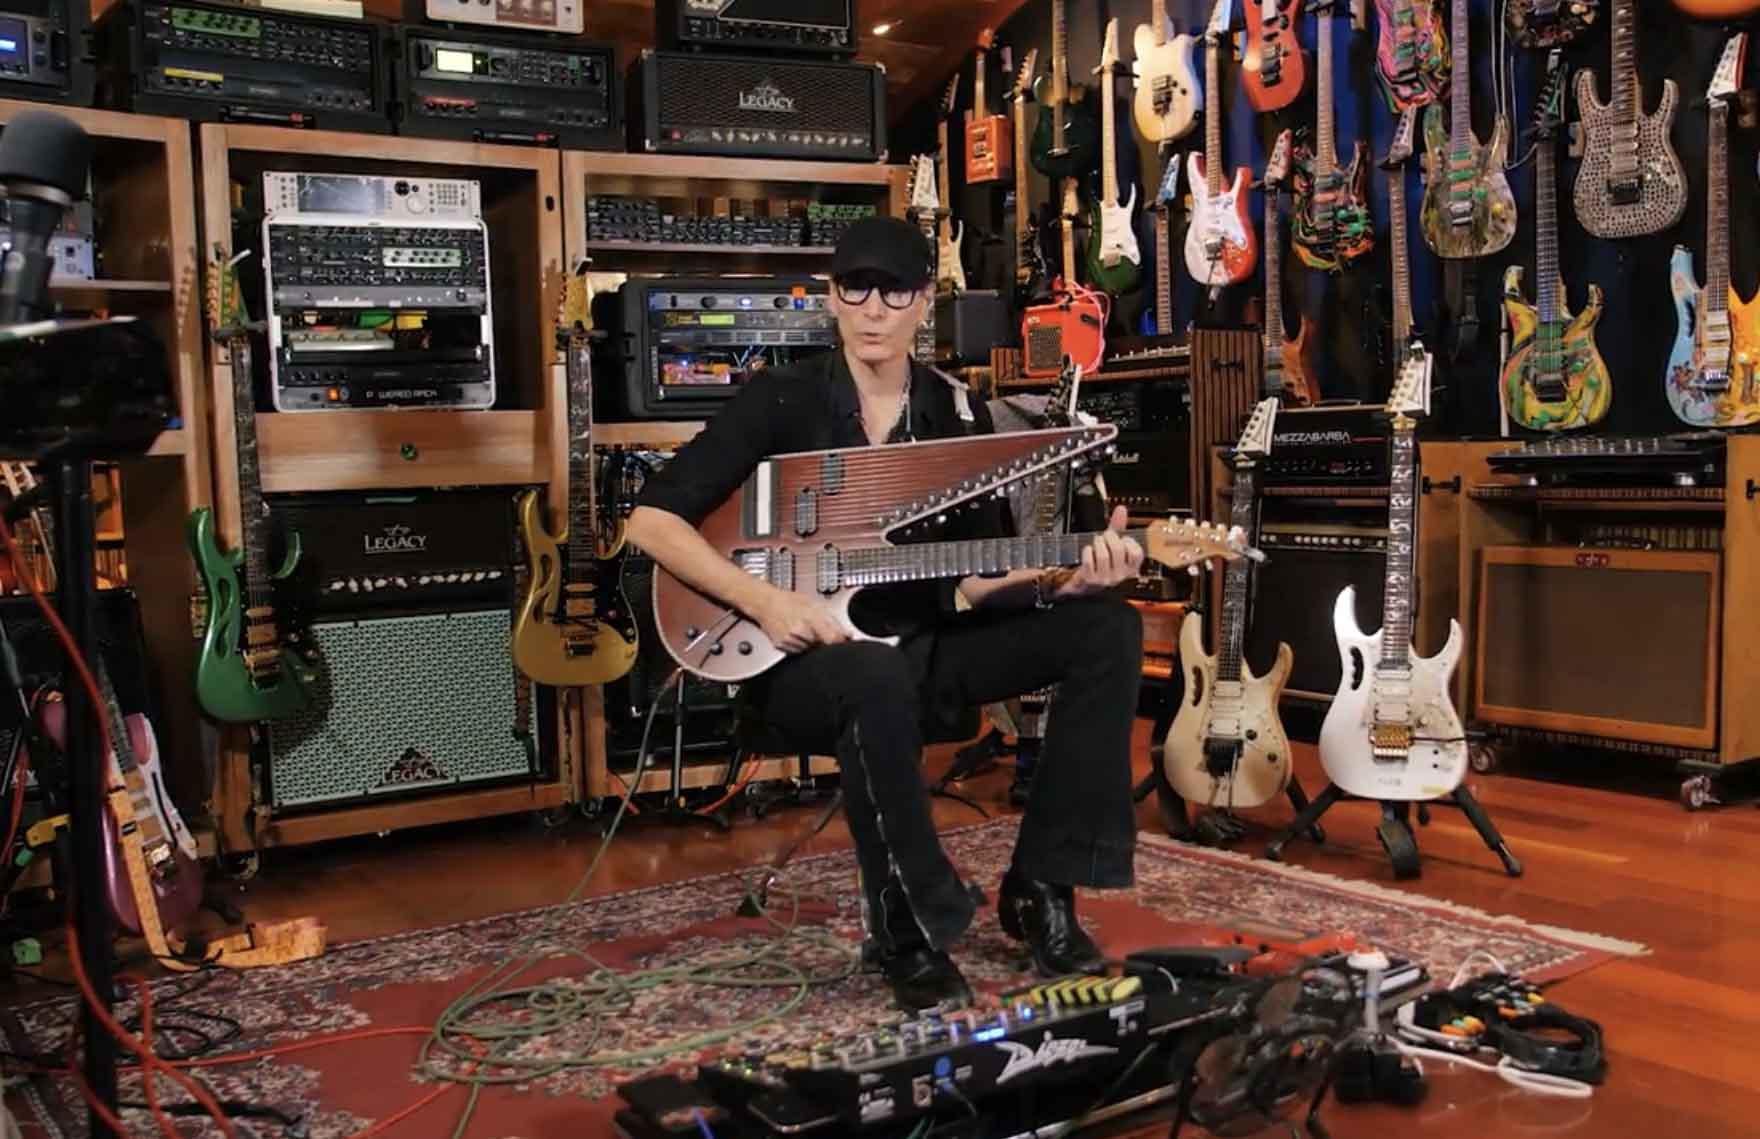 Vidéo de la semaine... Steve Vai nous présente sa collection de guitares...